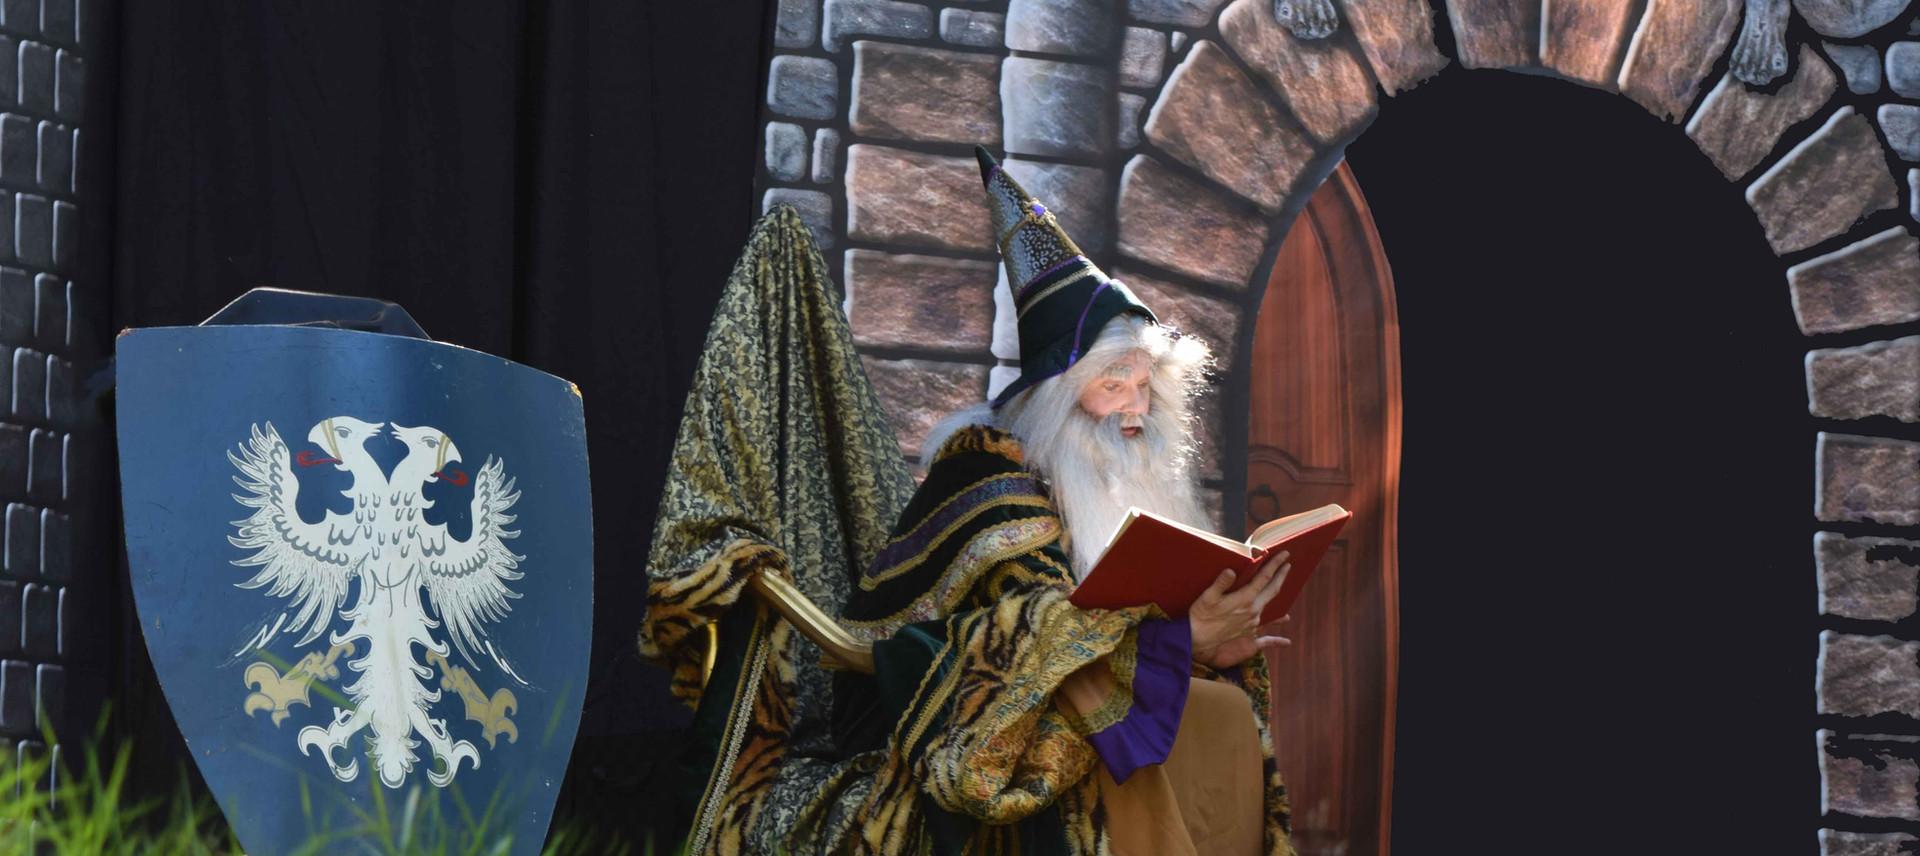 Sprookjestovenaar tovenaar tovenaarsshow